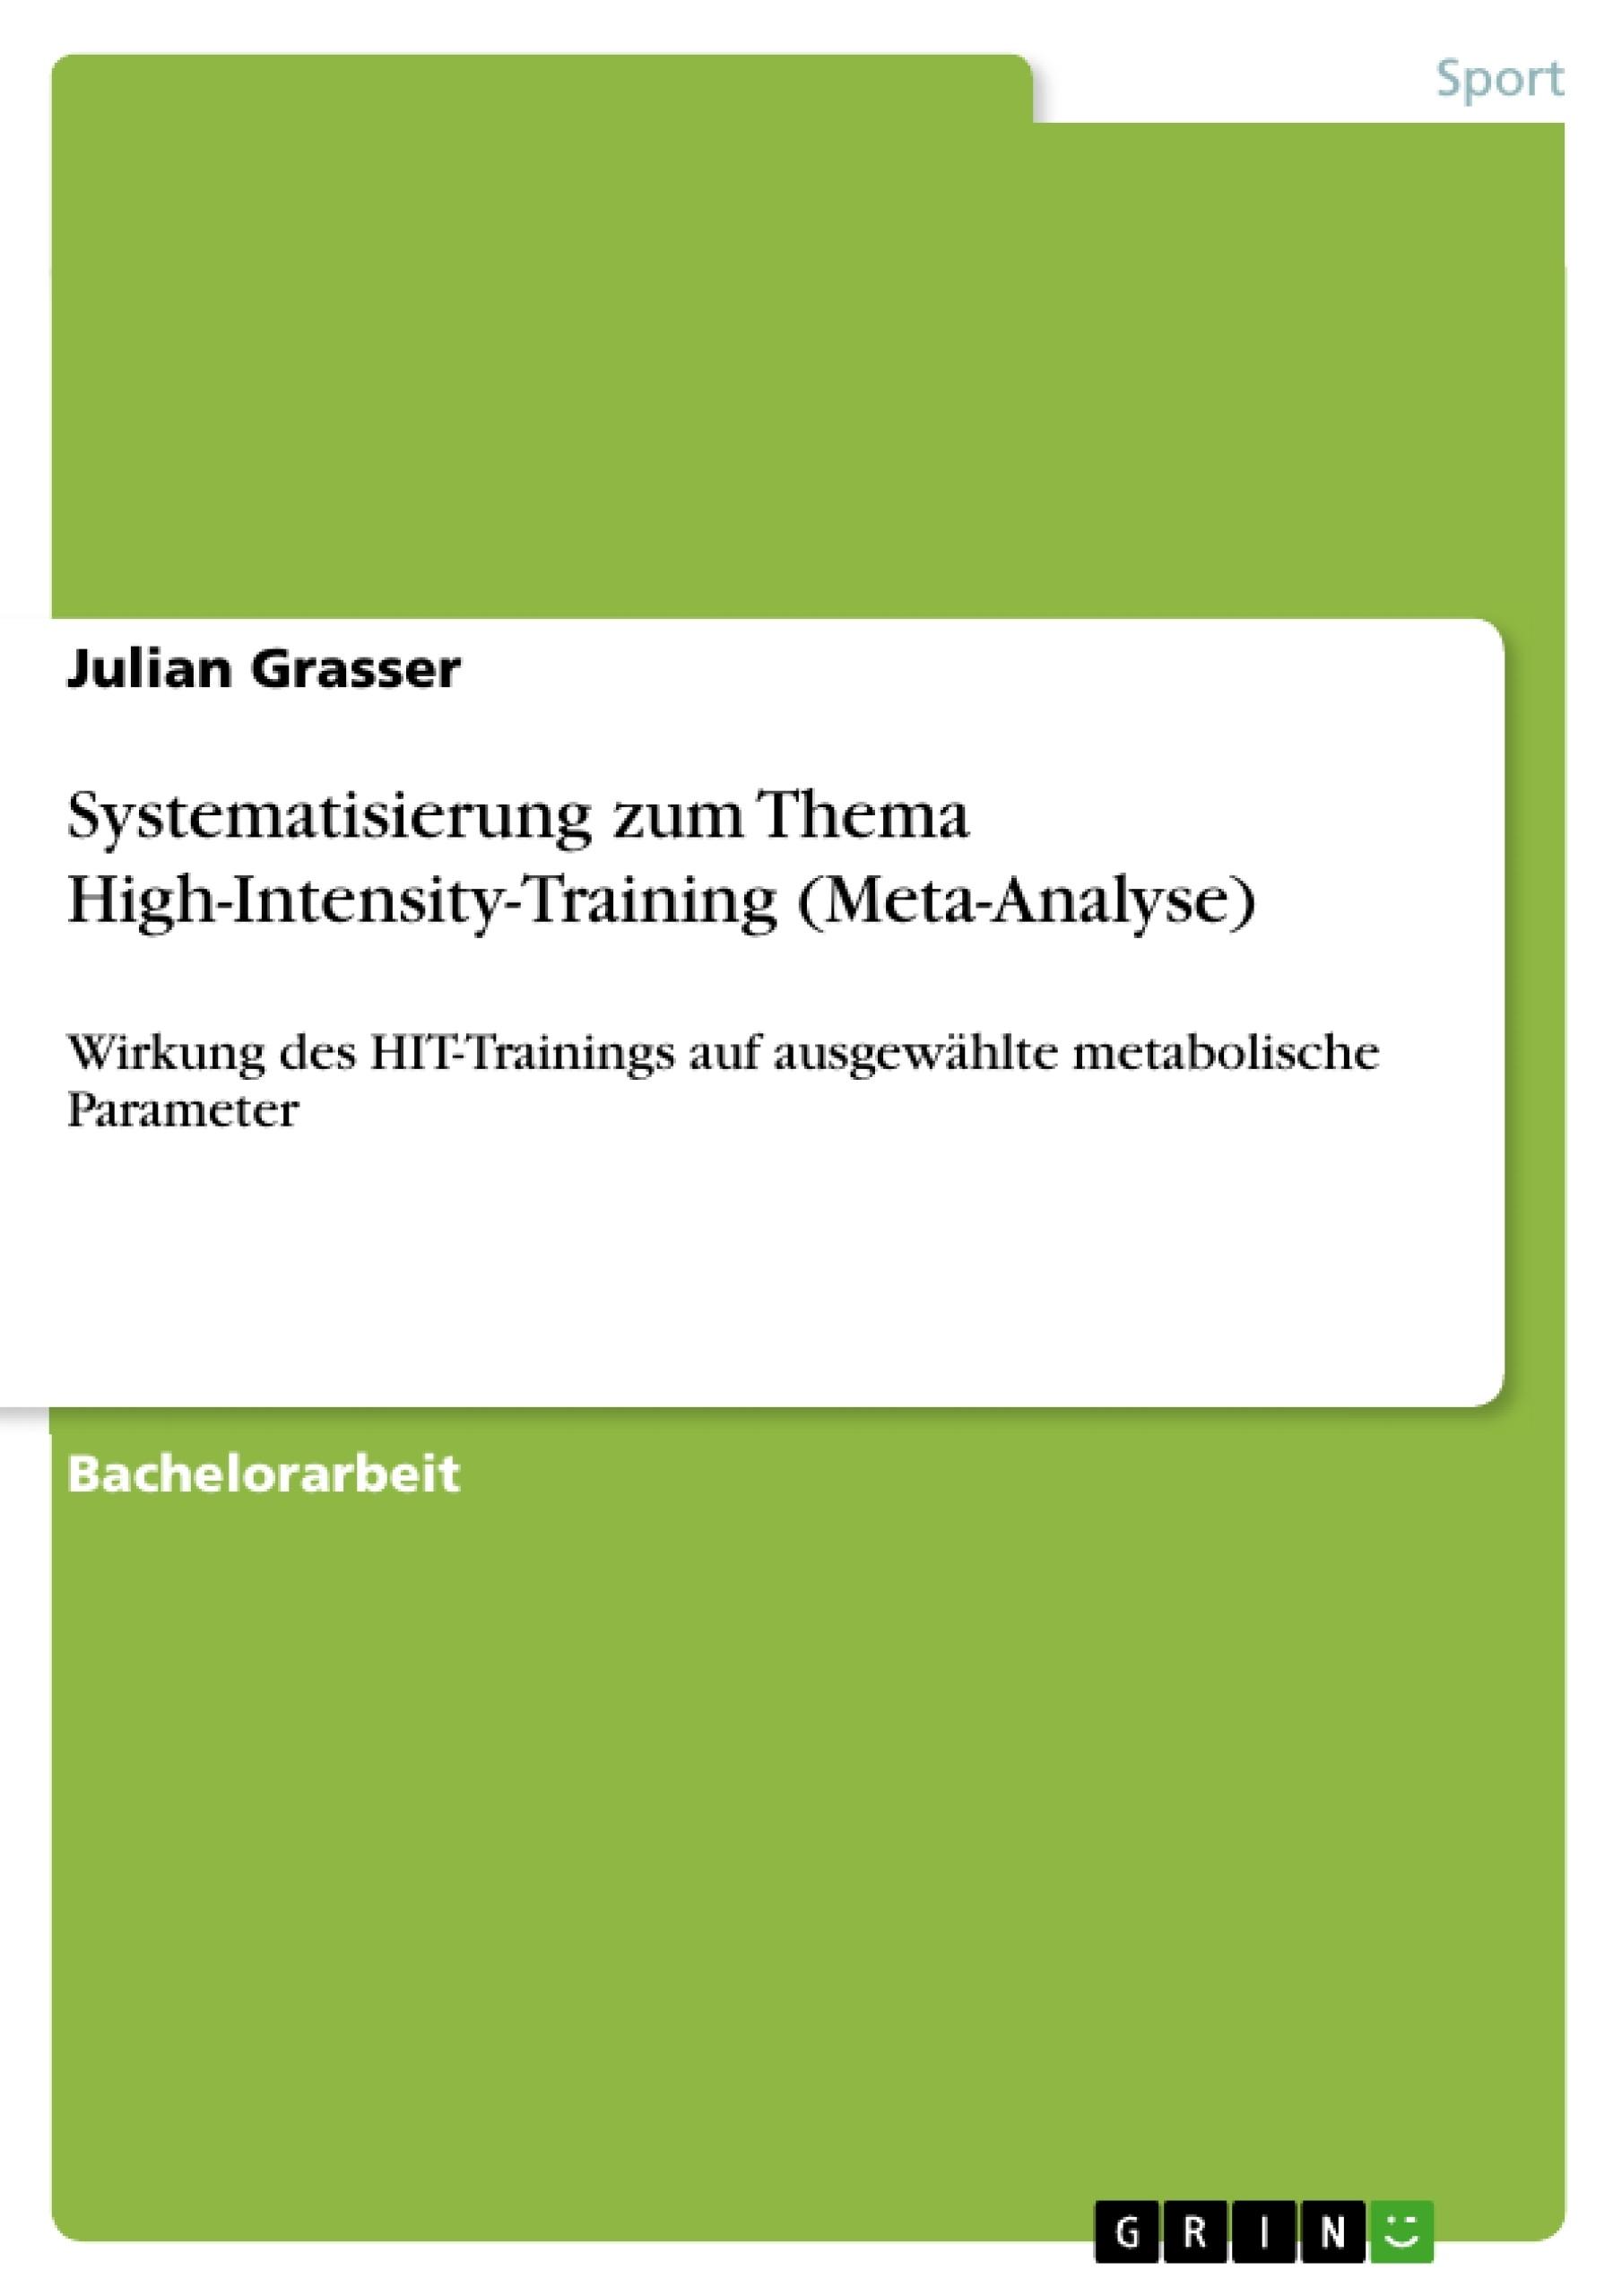 Titel: Systematisierung zum Thema High-Intensity-Training (Meta-Analyse)